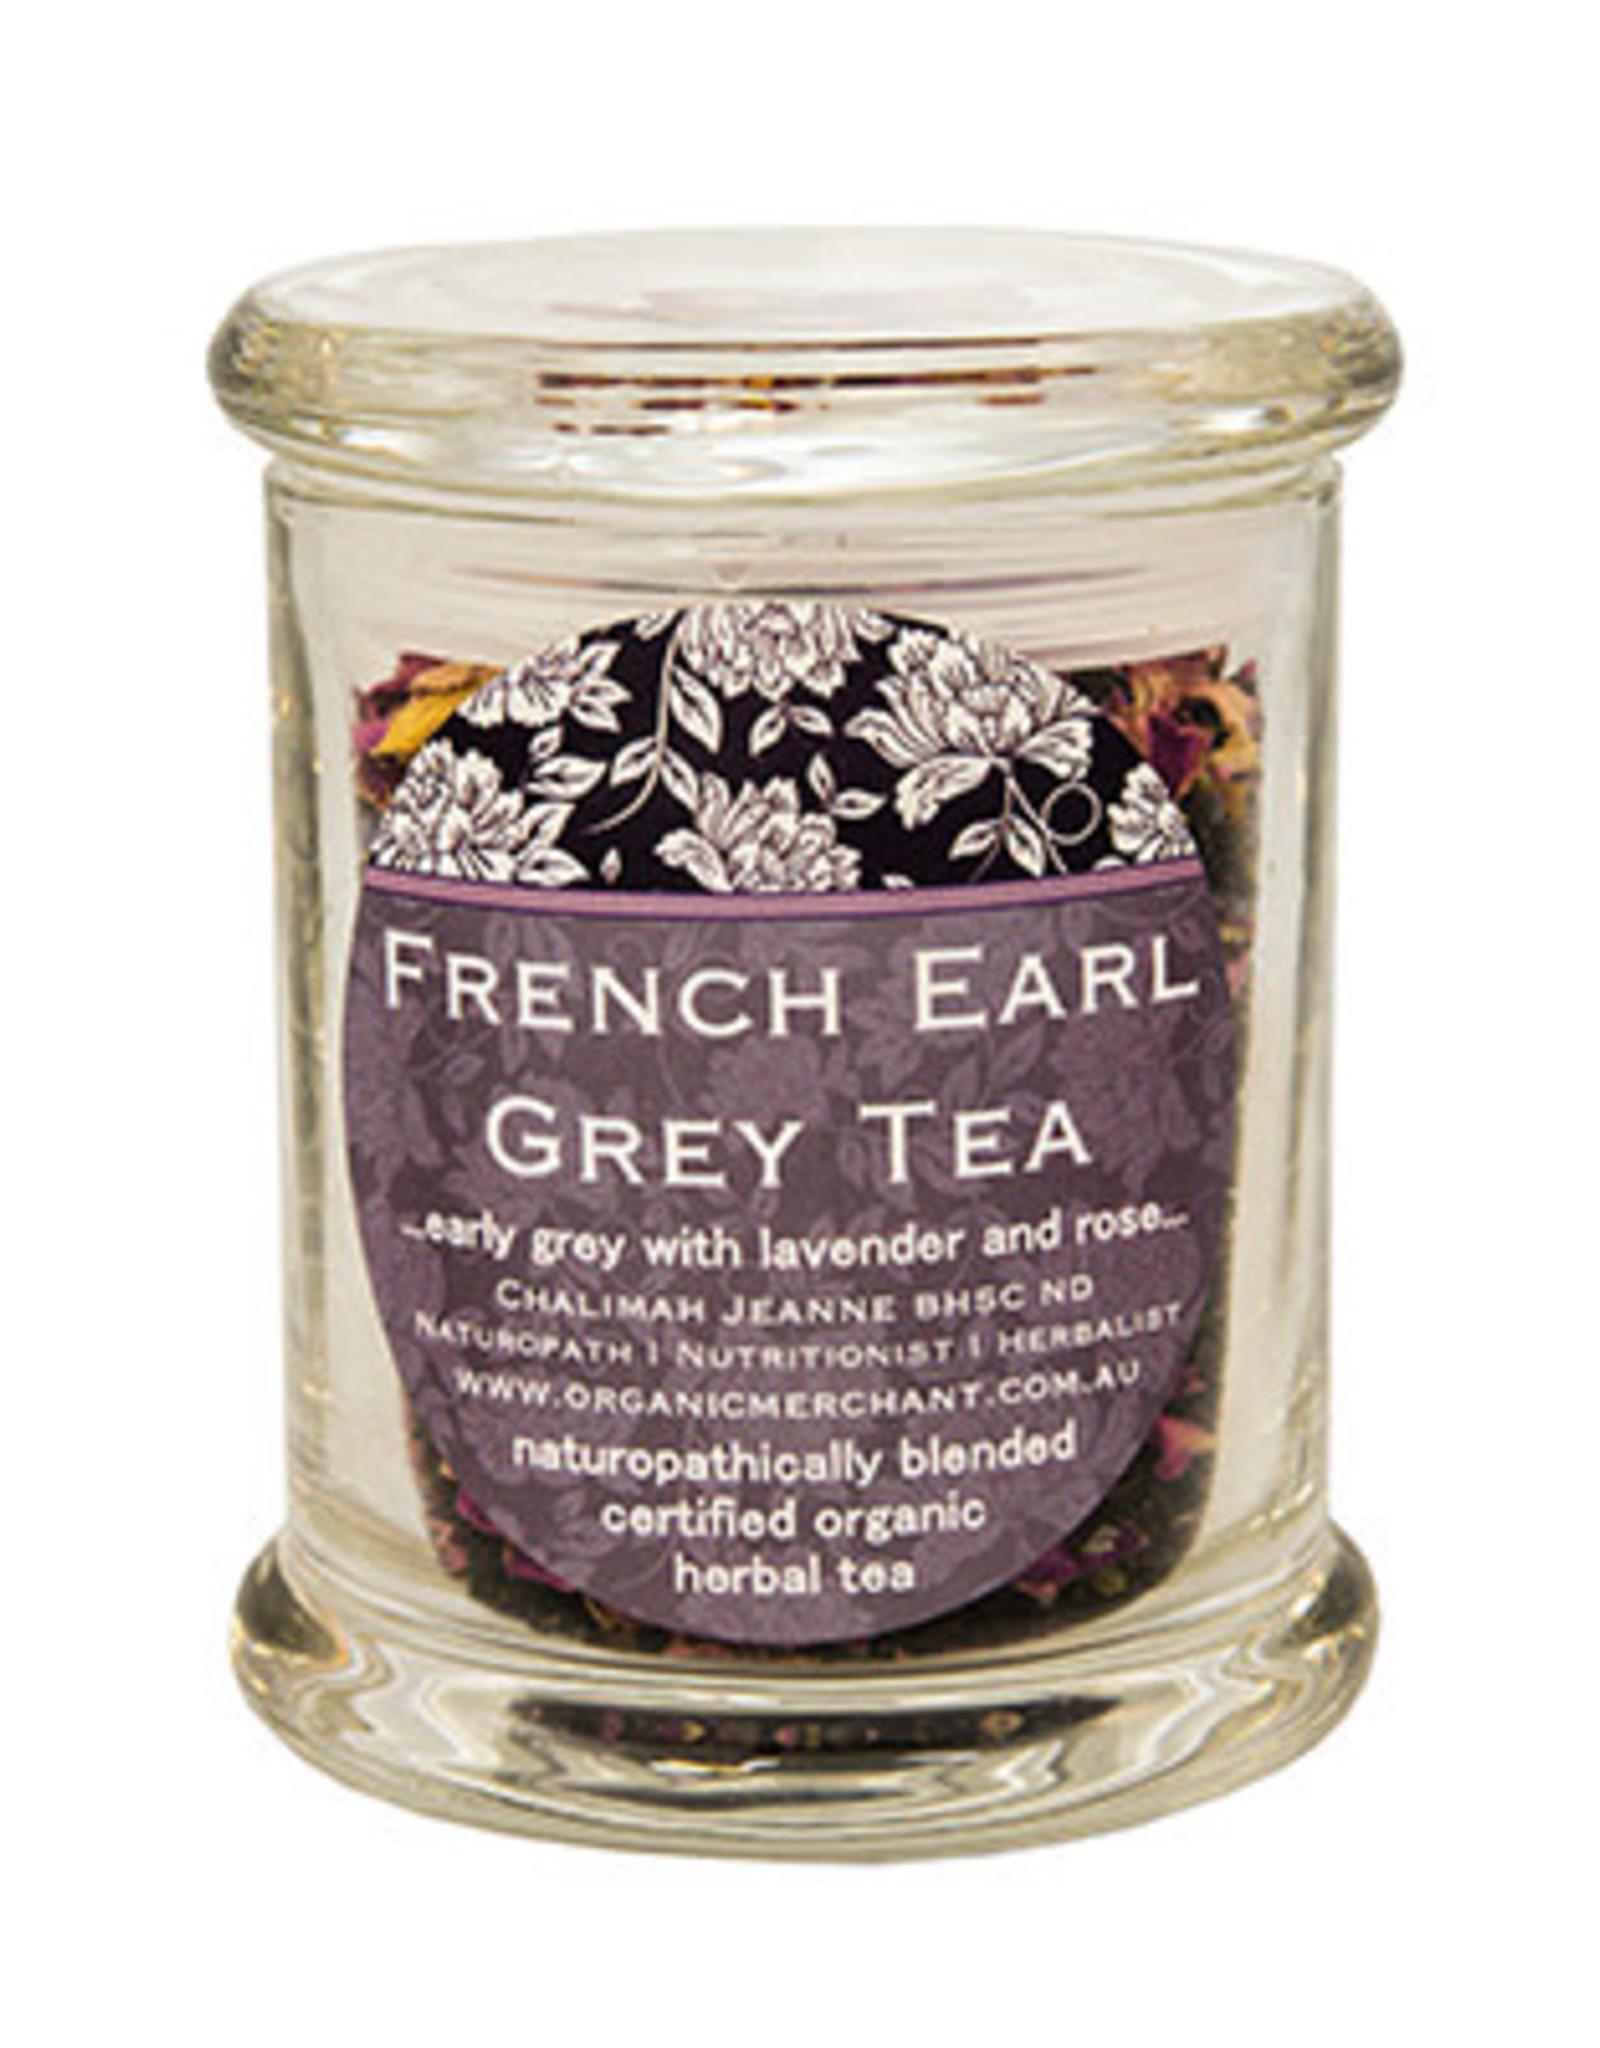 French Earl Grey Tea Jar